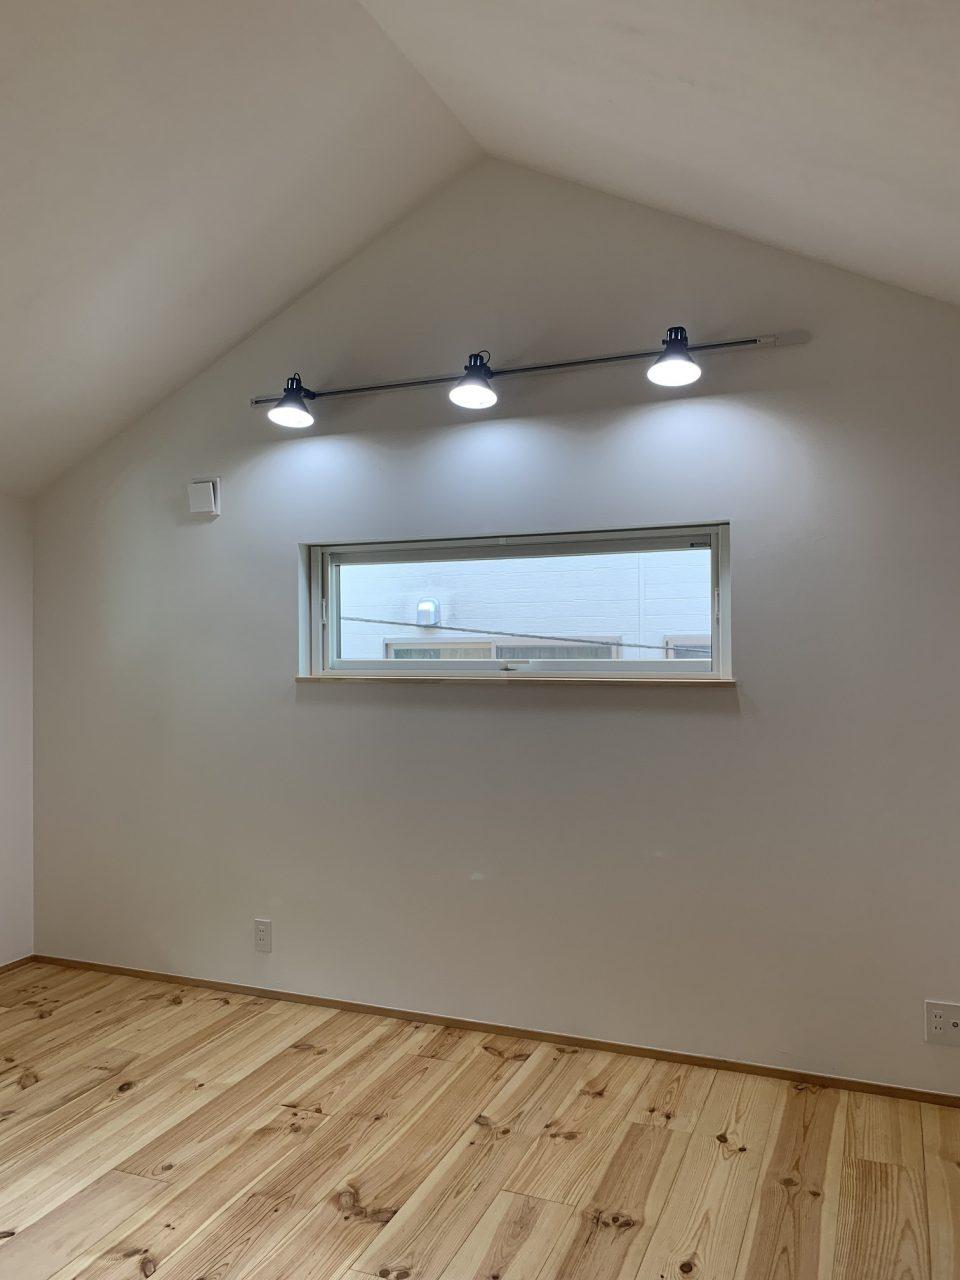 ホームベース型の壁を持つ2階の個室。 意外に困るのが照明の位置。この家では壁面にライティングレールで対応。 壁面や勾配天井面を照らすことで間接照明風に。